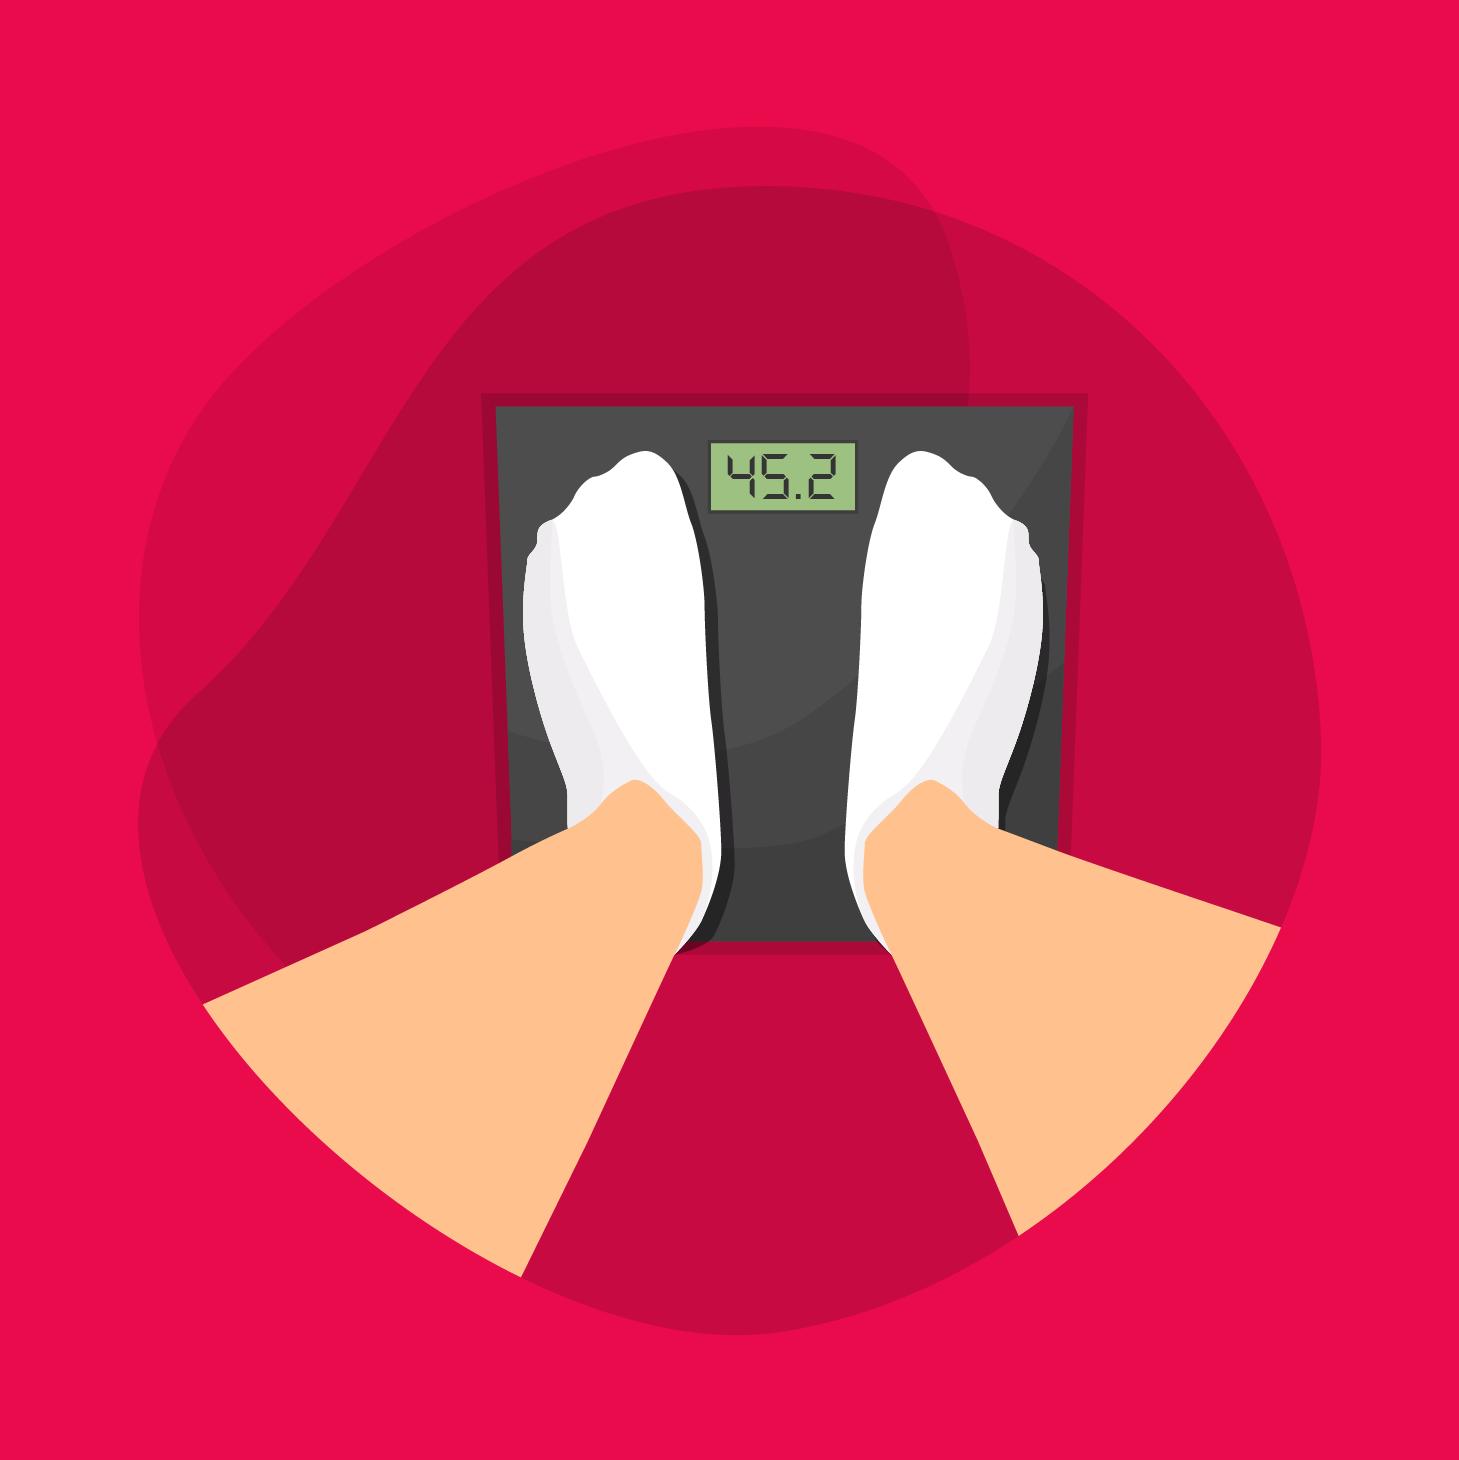 Berat badan ideal, cara menghitung berat badan ideal